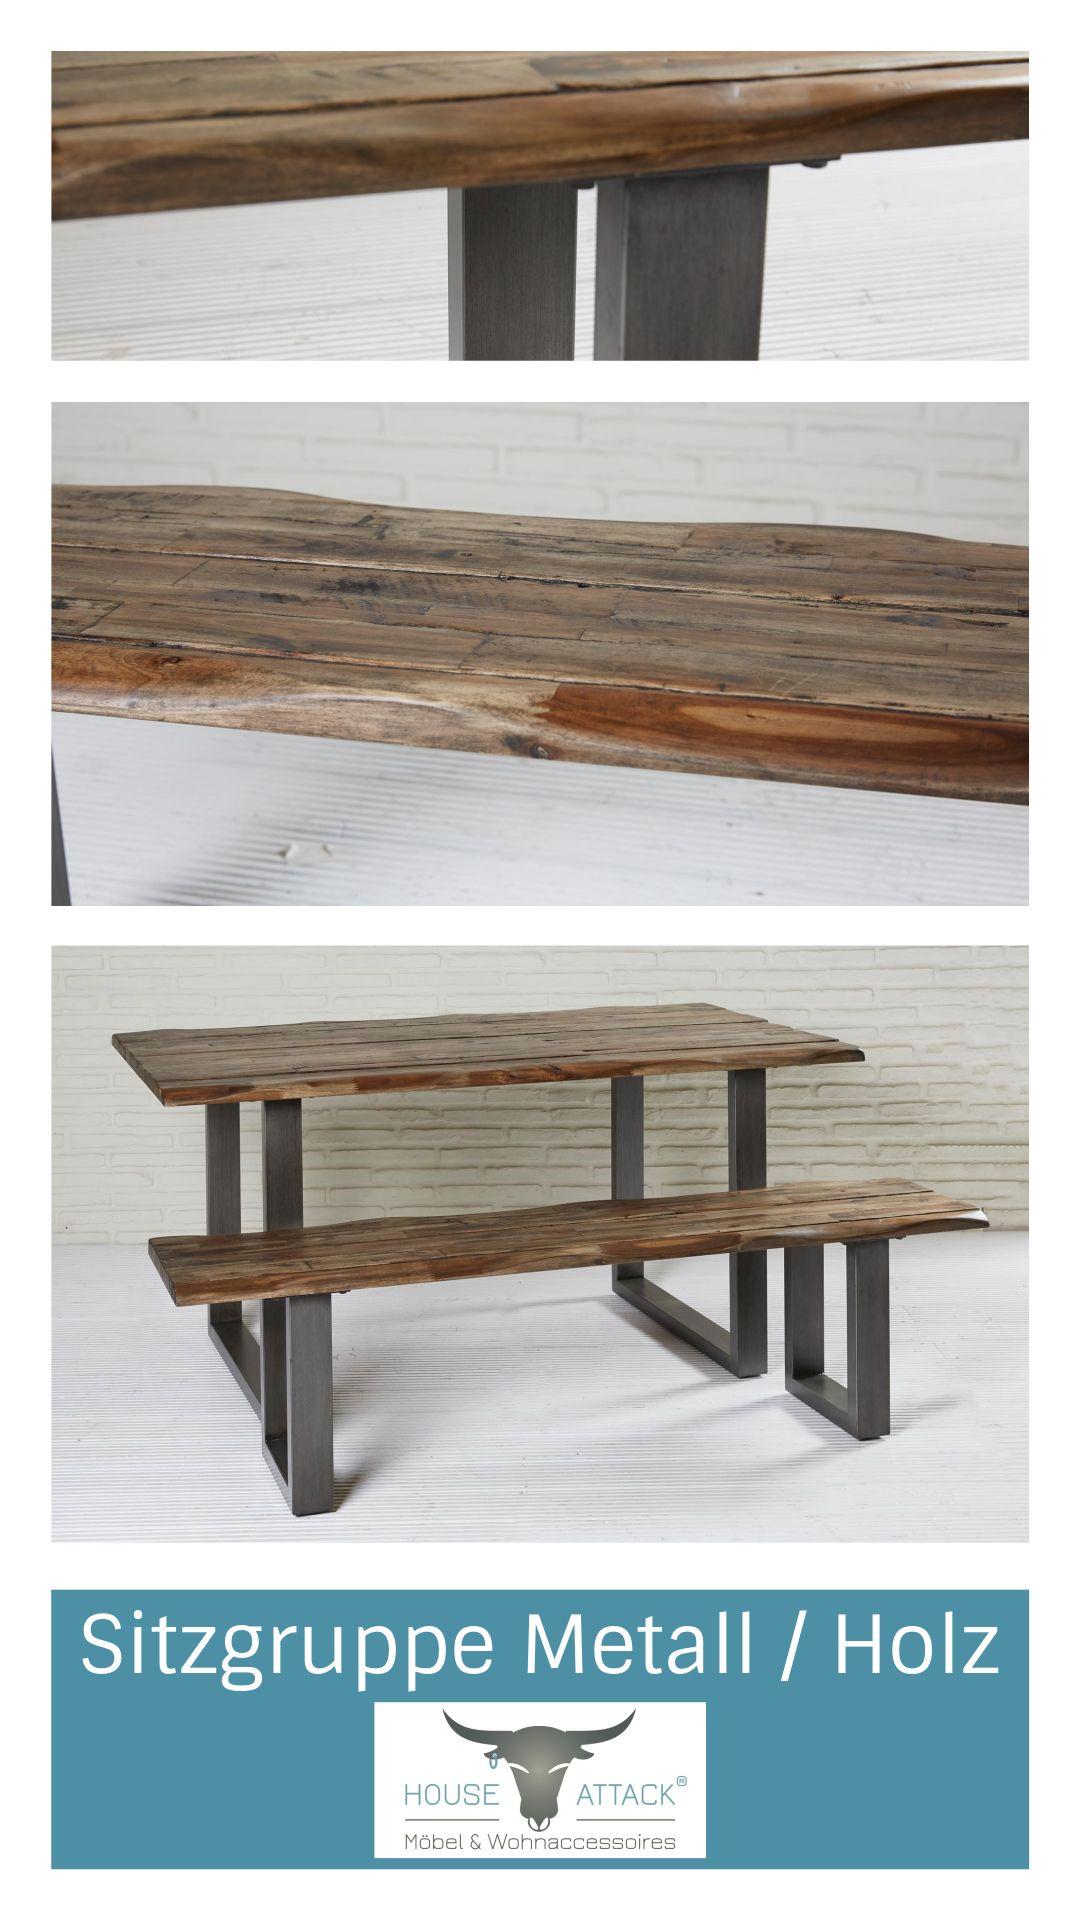 Massive Sitzgruppe Sitzbank Und Tisch Aus Akazienholz Und Metall